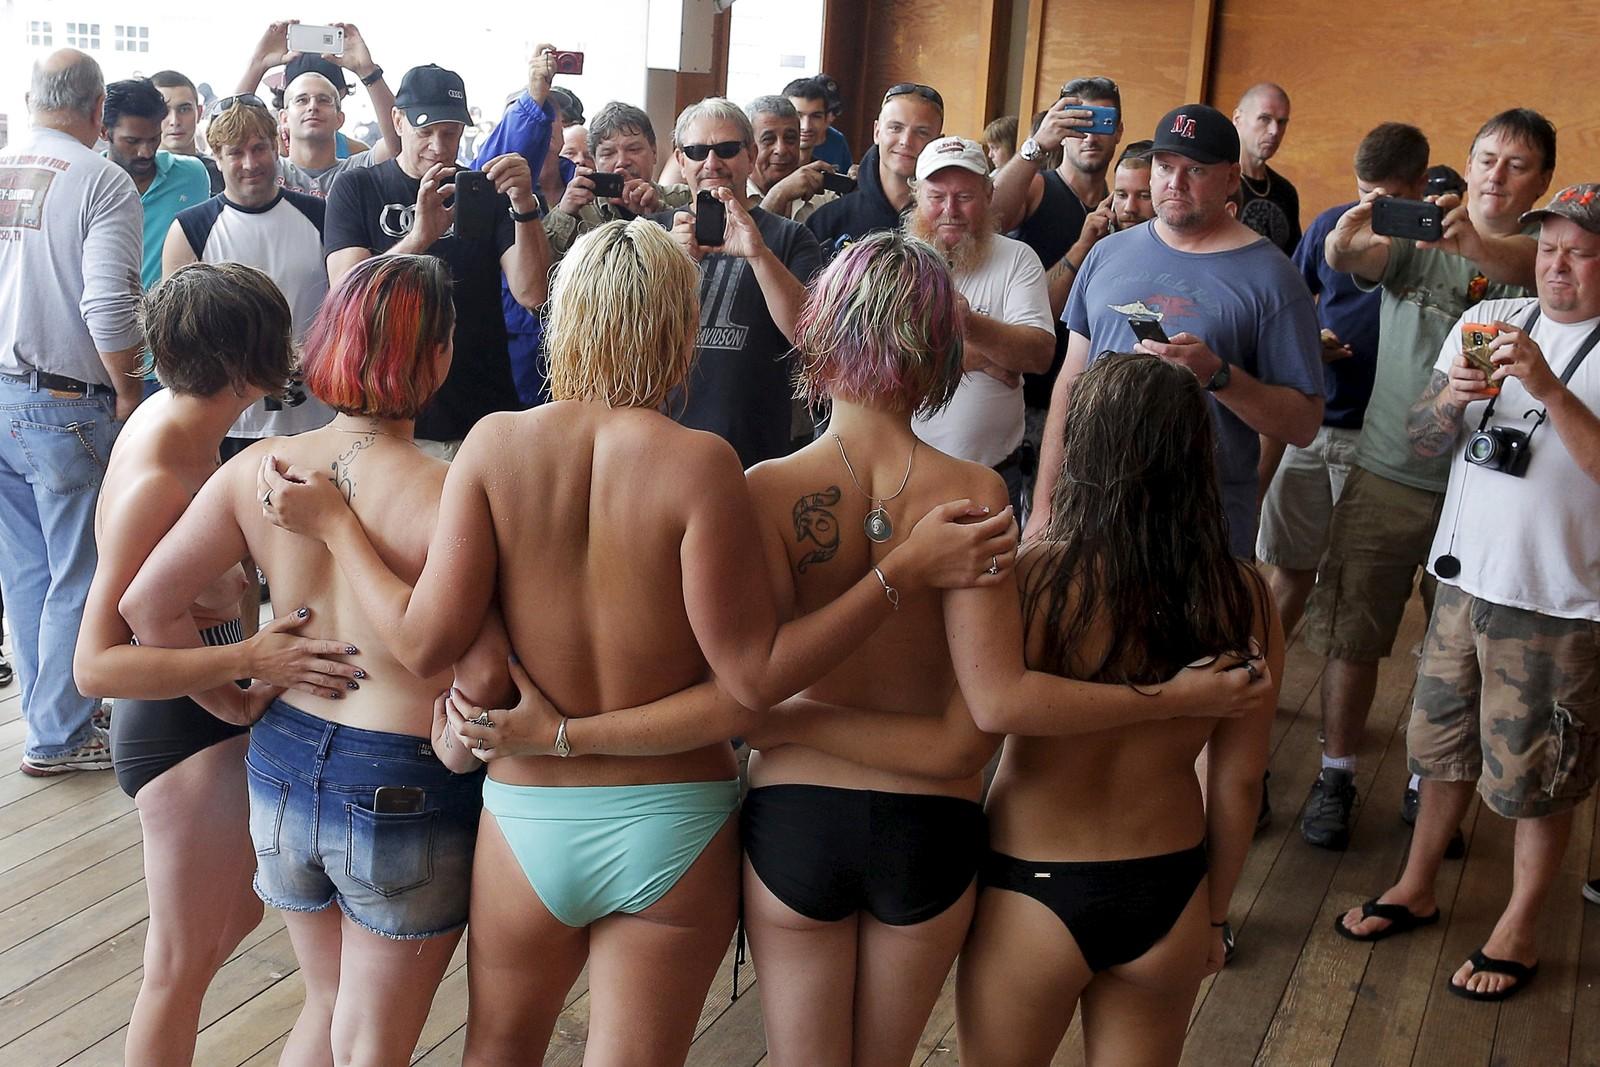 """Toppløse aktivister poserte for fotografene under en såkalt """"Free the nipple""""-demonstrasjon i New Hampshire, USA denne uka. Demonstrantene ønsket større aksept for toppløs soling på stranda."""